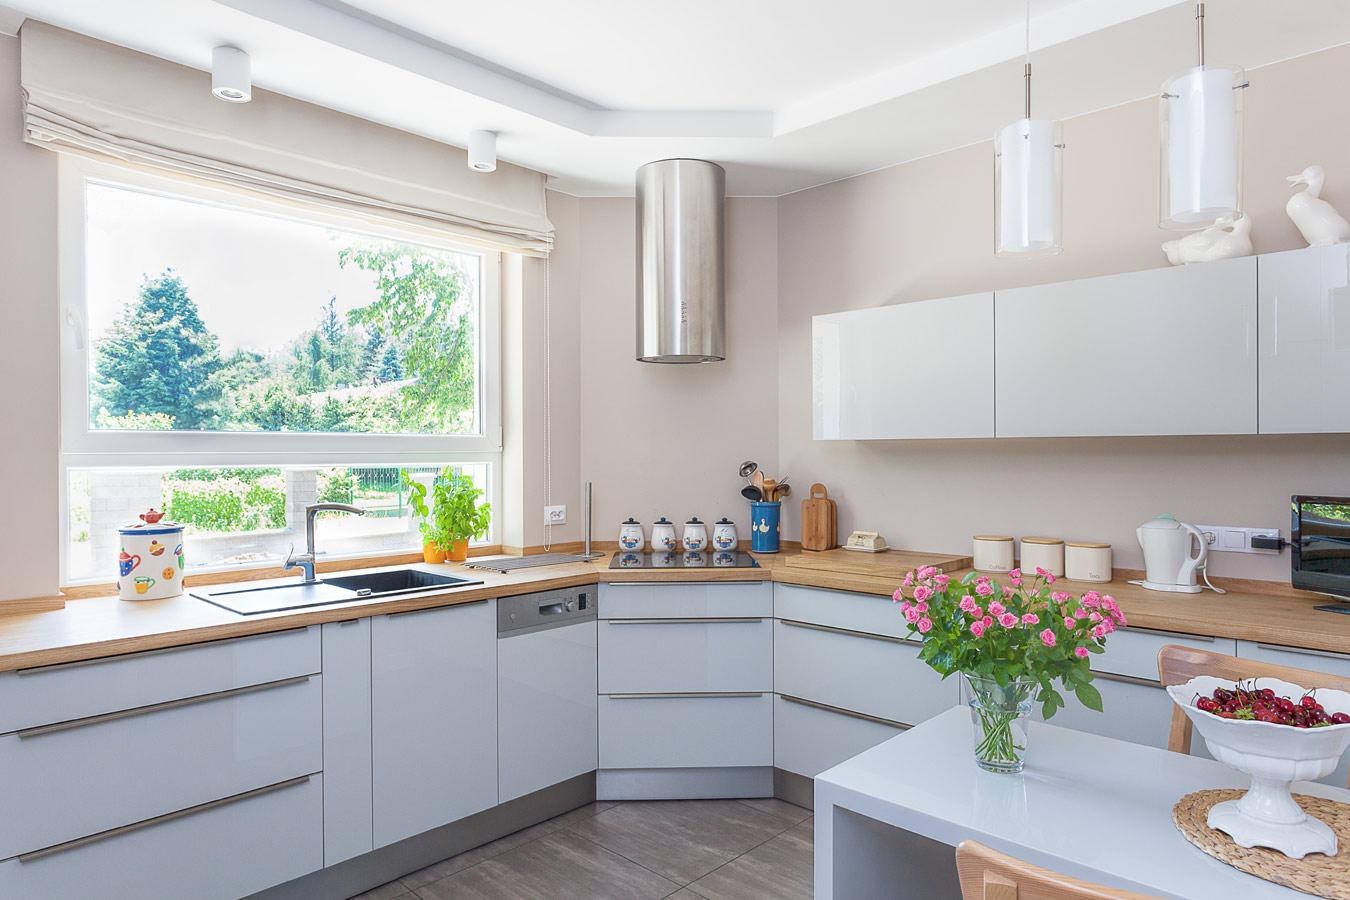 Keuken Eiken Werkblad : Grijze keuken met eiken werkblad